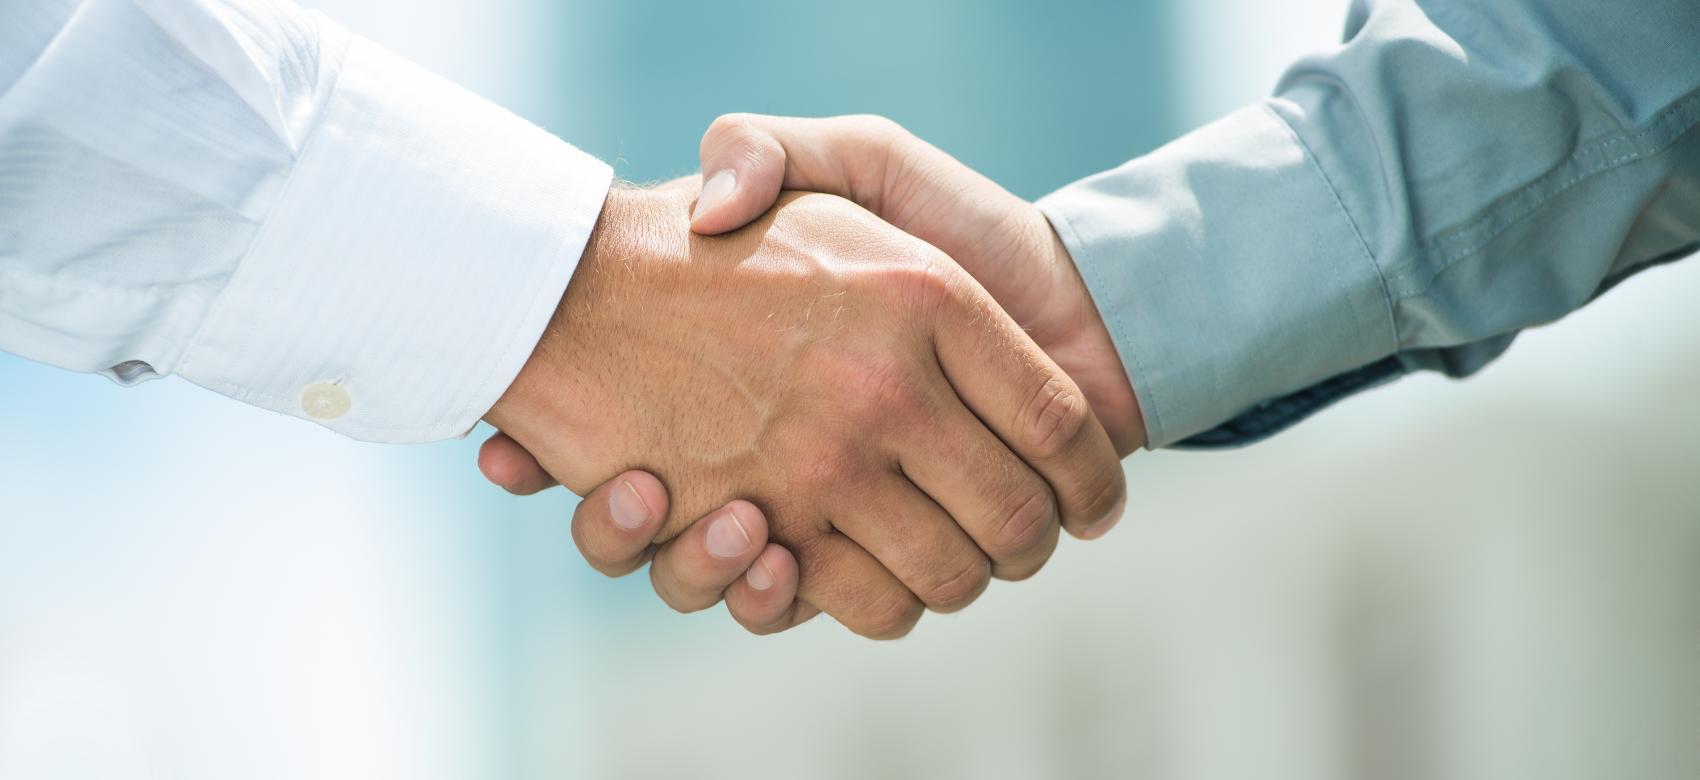 manos estrechadas en saludo